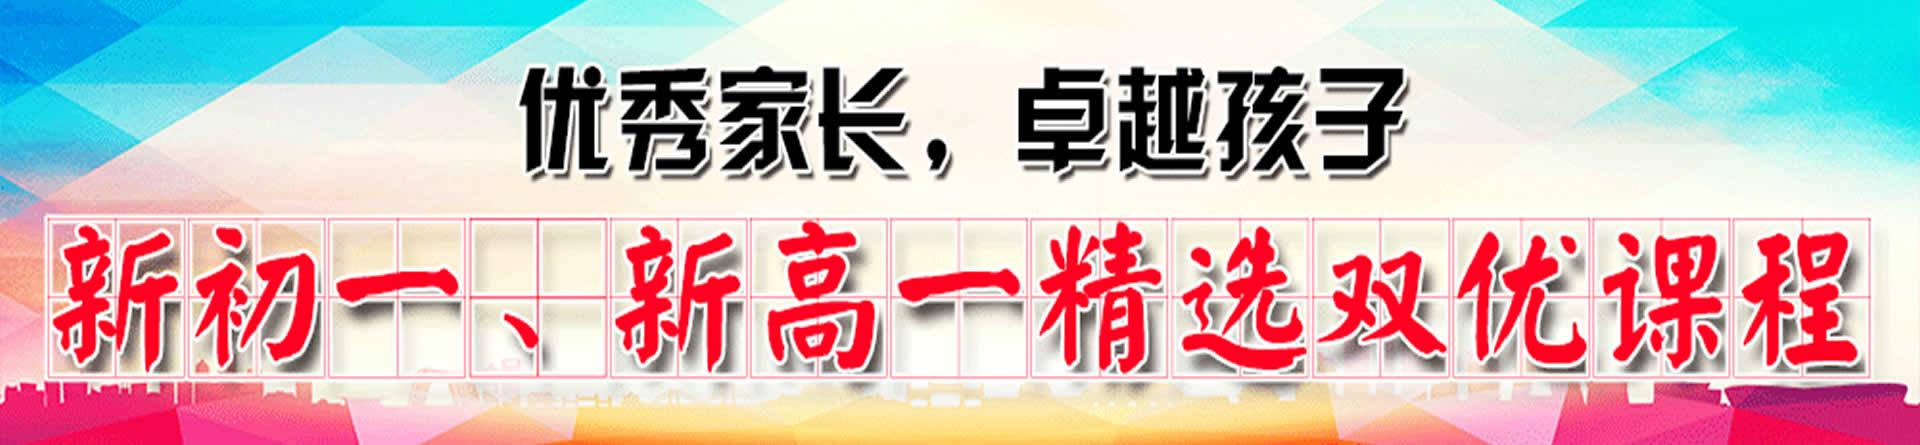 郑州汇之学教育